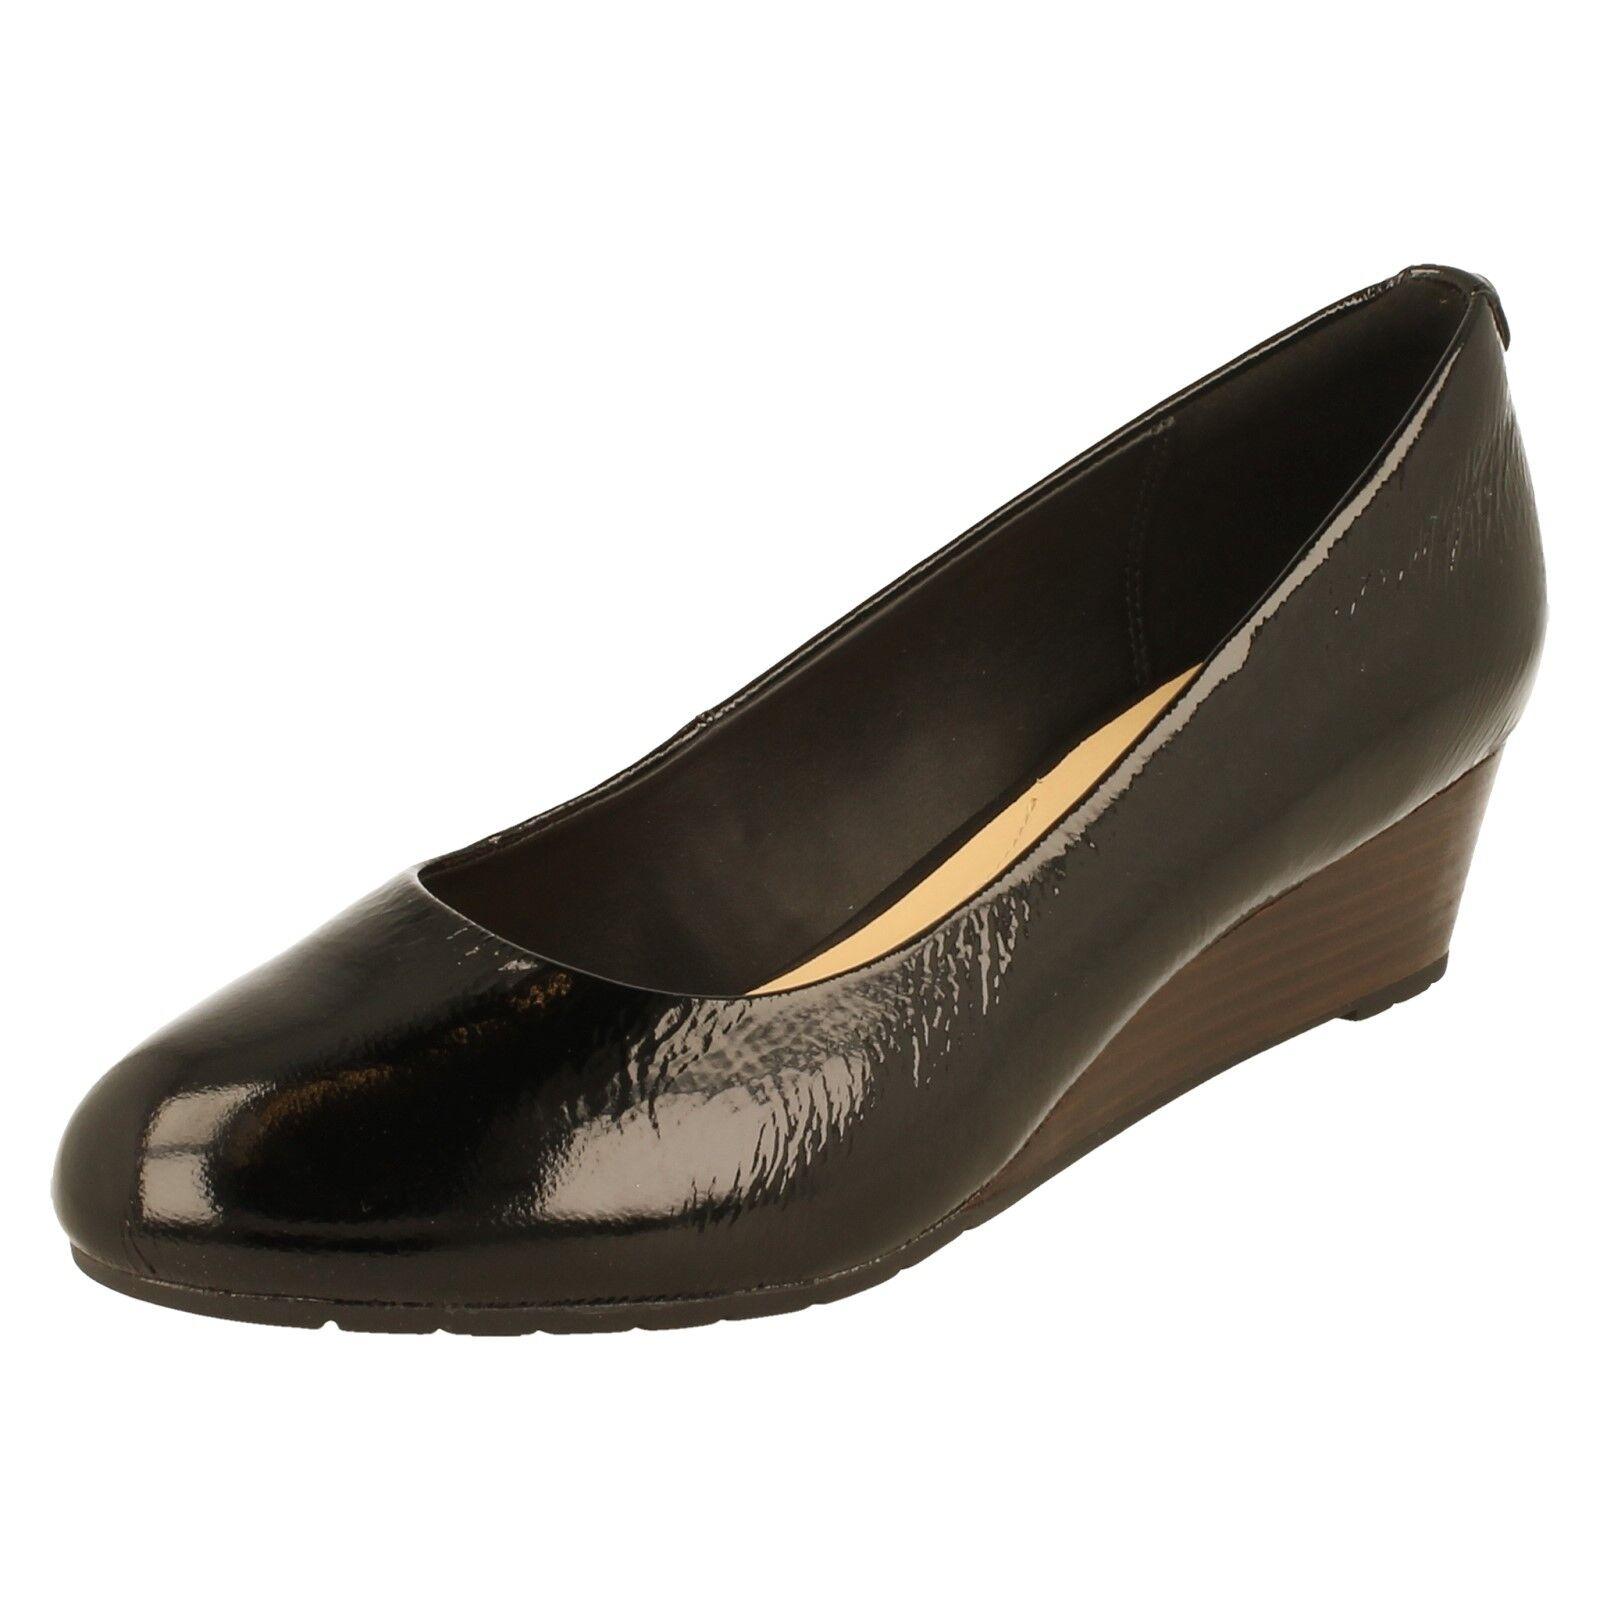 Descuento barato Mujeres Sin Cordones Zapatos de cuña Clarks - Vendra BLOOM